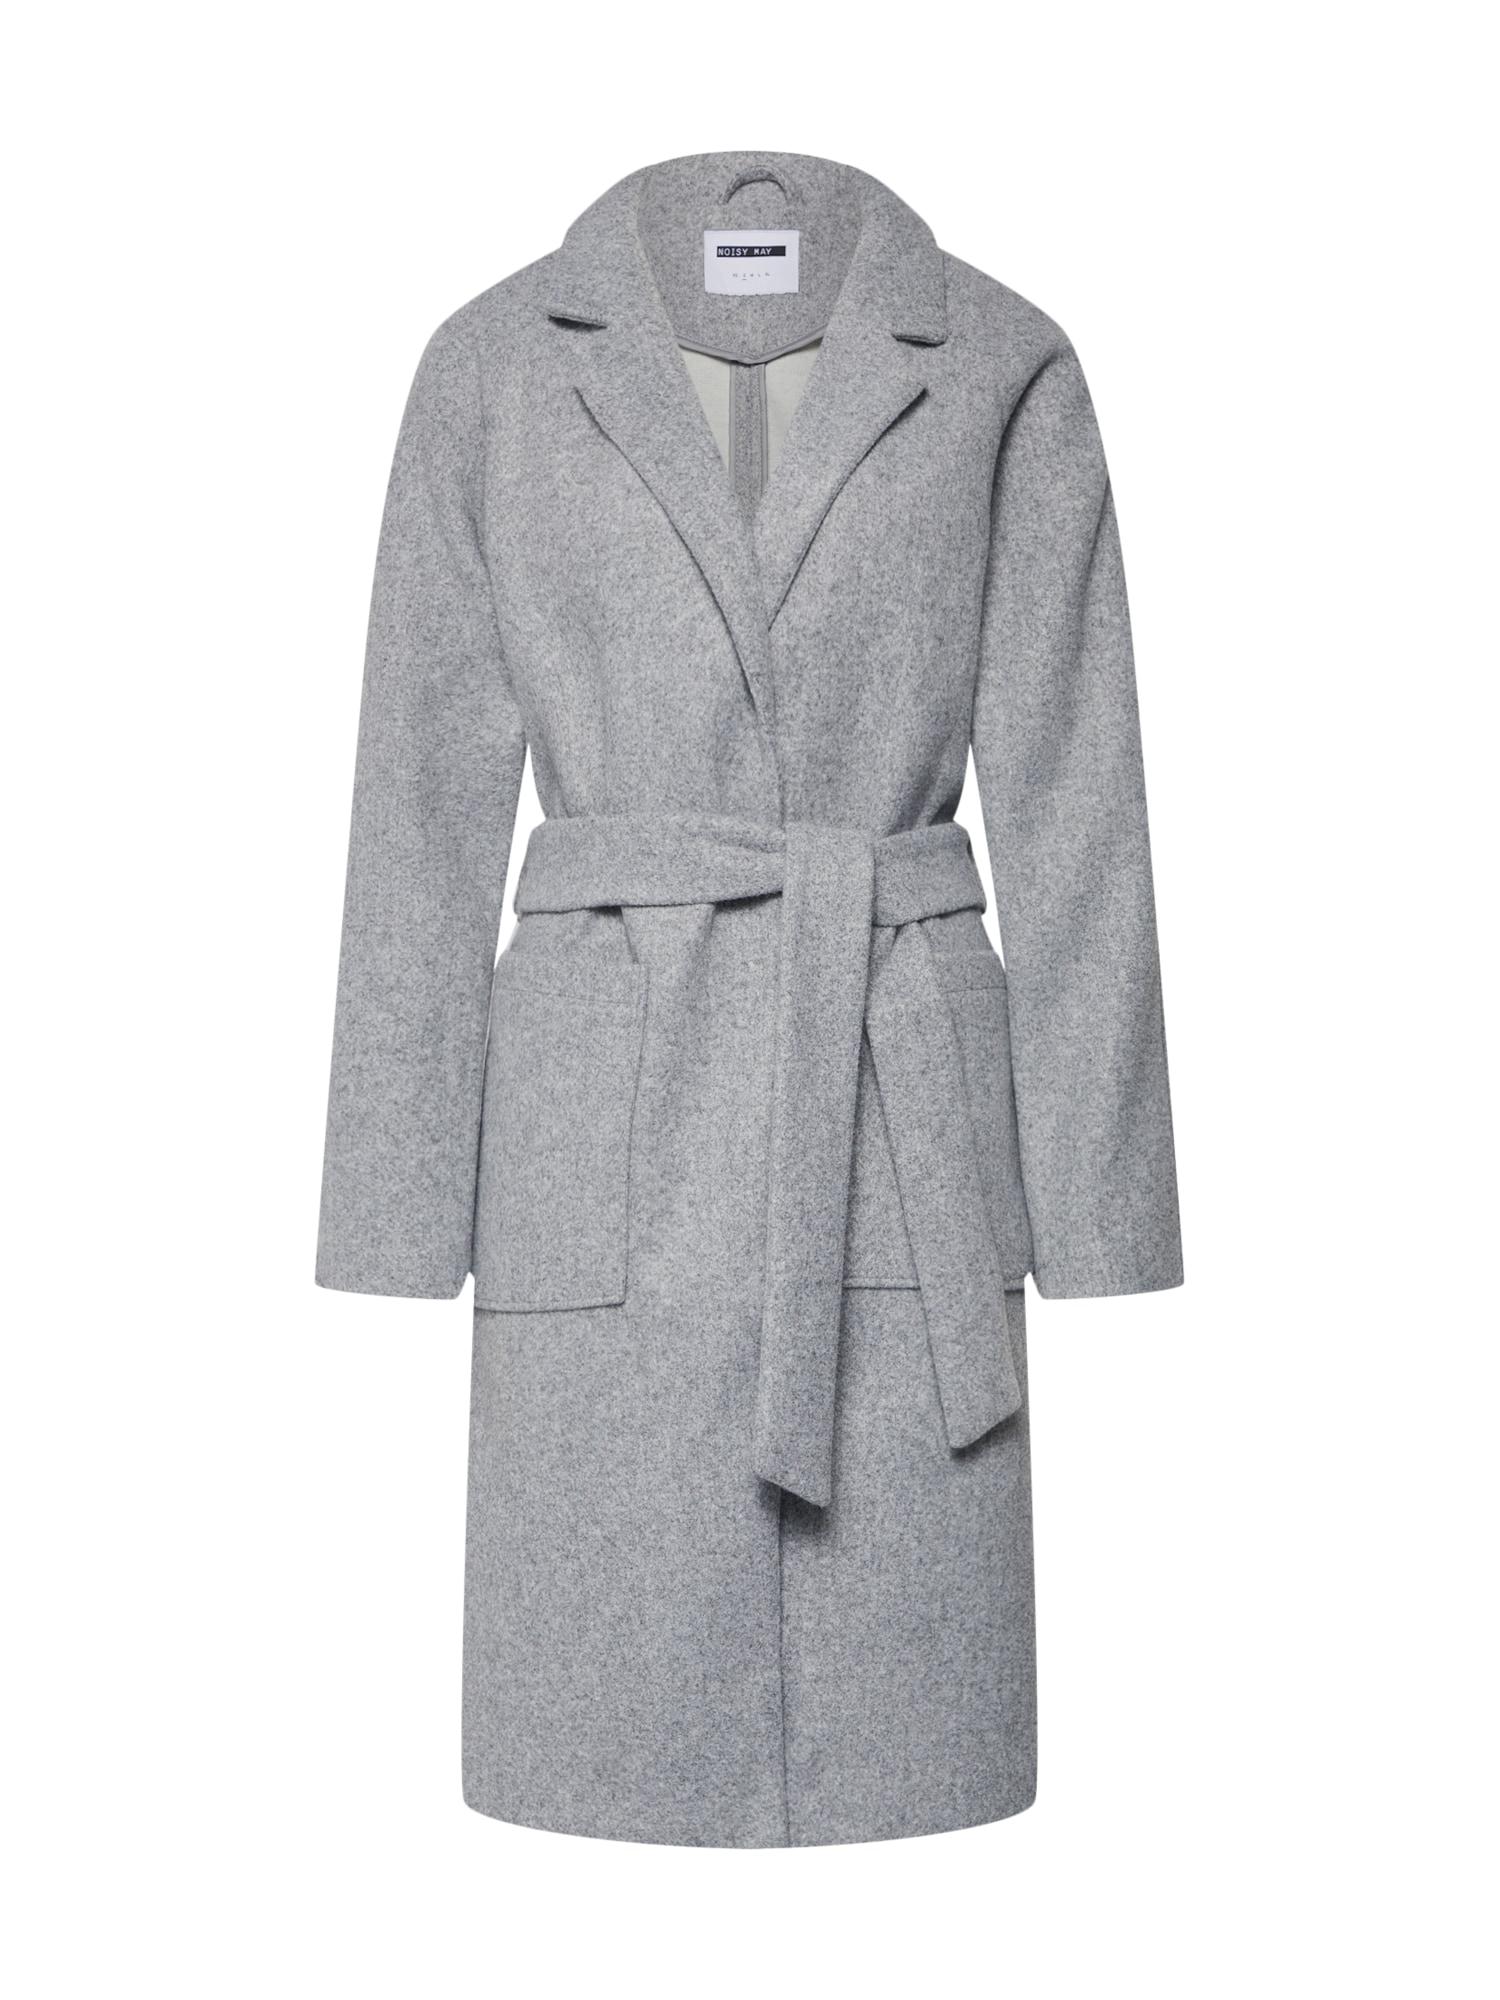 Přechodný kabát Zoe Spring šedý melír Noisy May